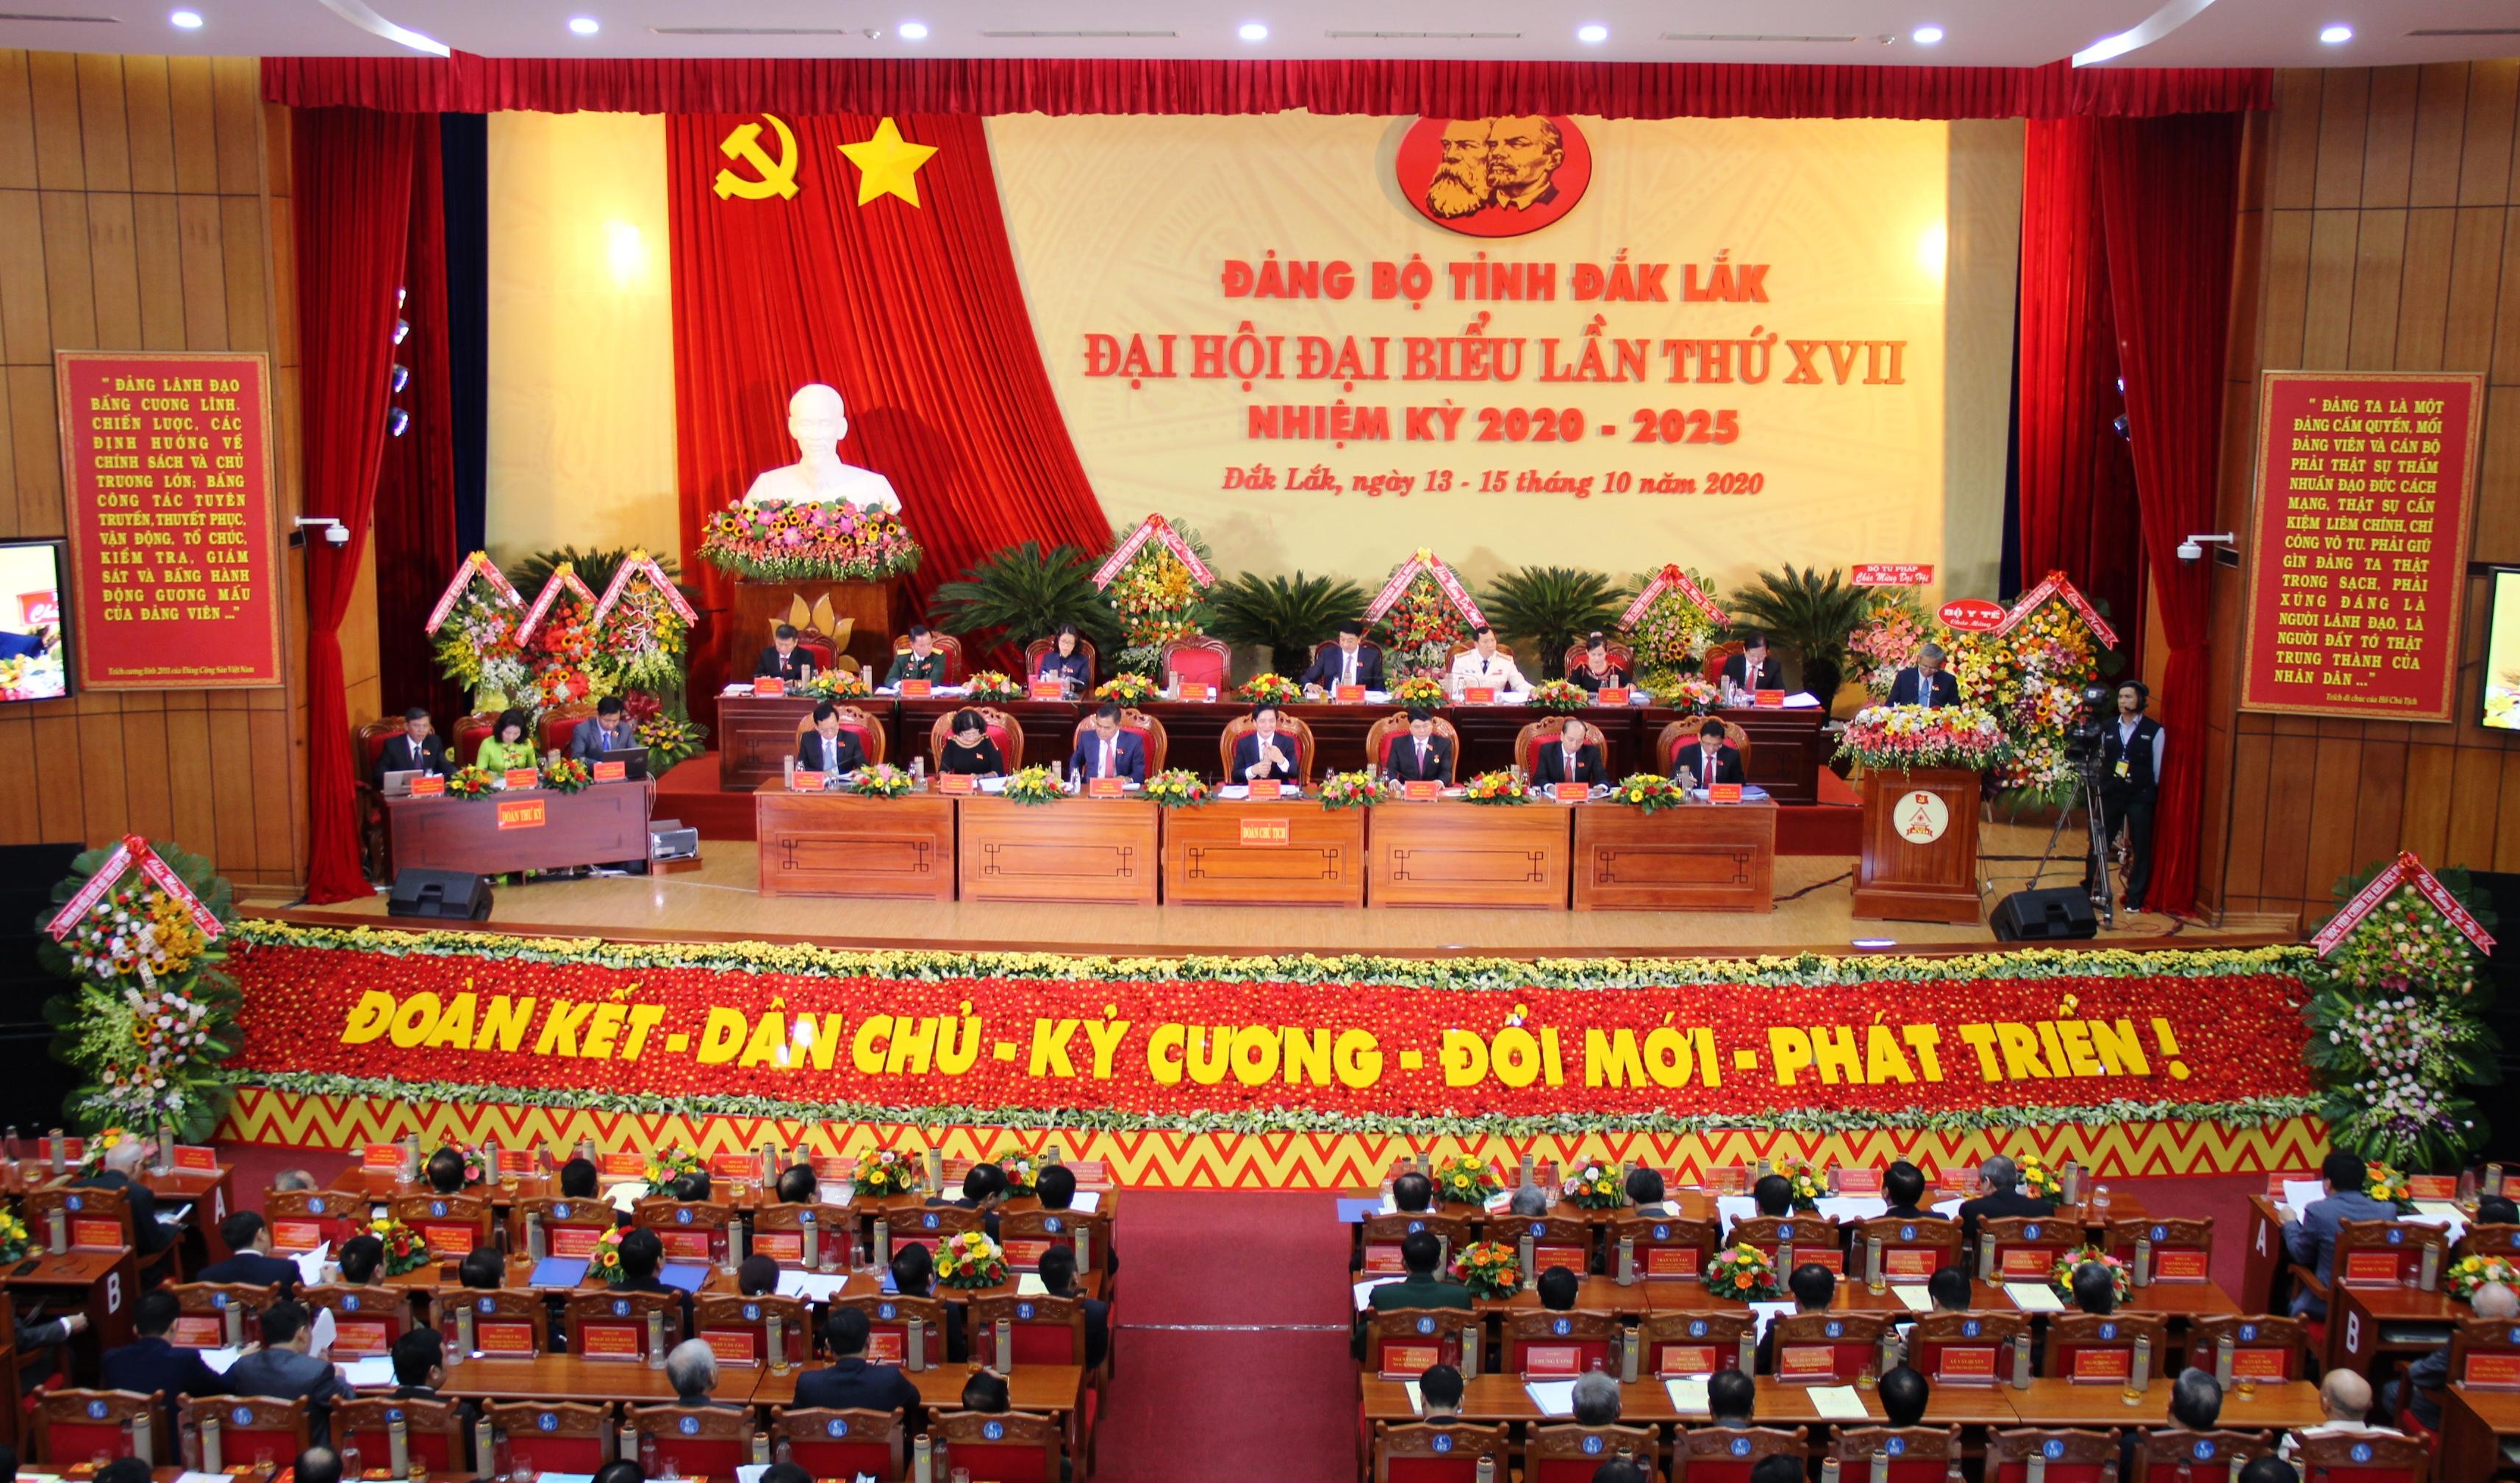 Khai mạc Đại hội đại biểu Đảng bộ tỉnh lần thứ XVII, nhiệm kỳ 2020 – 2025